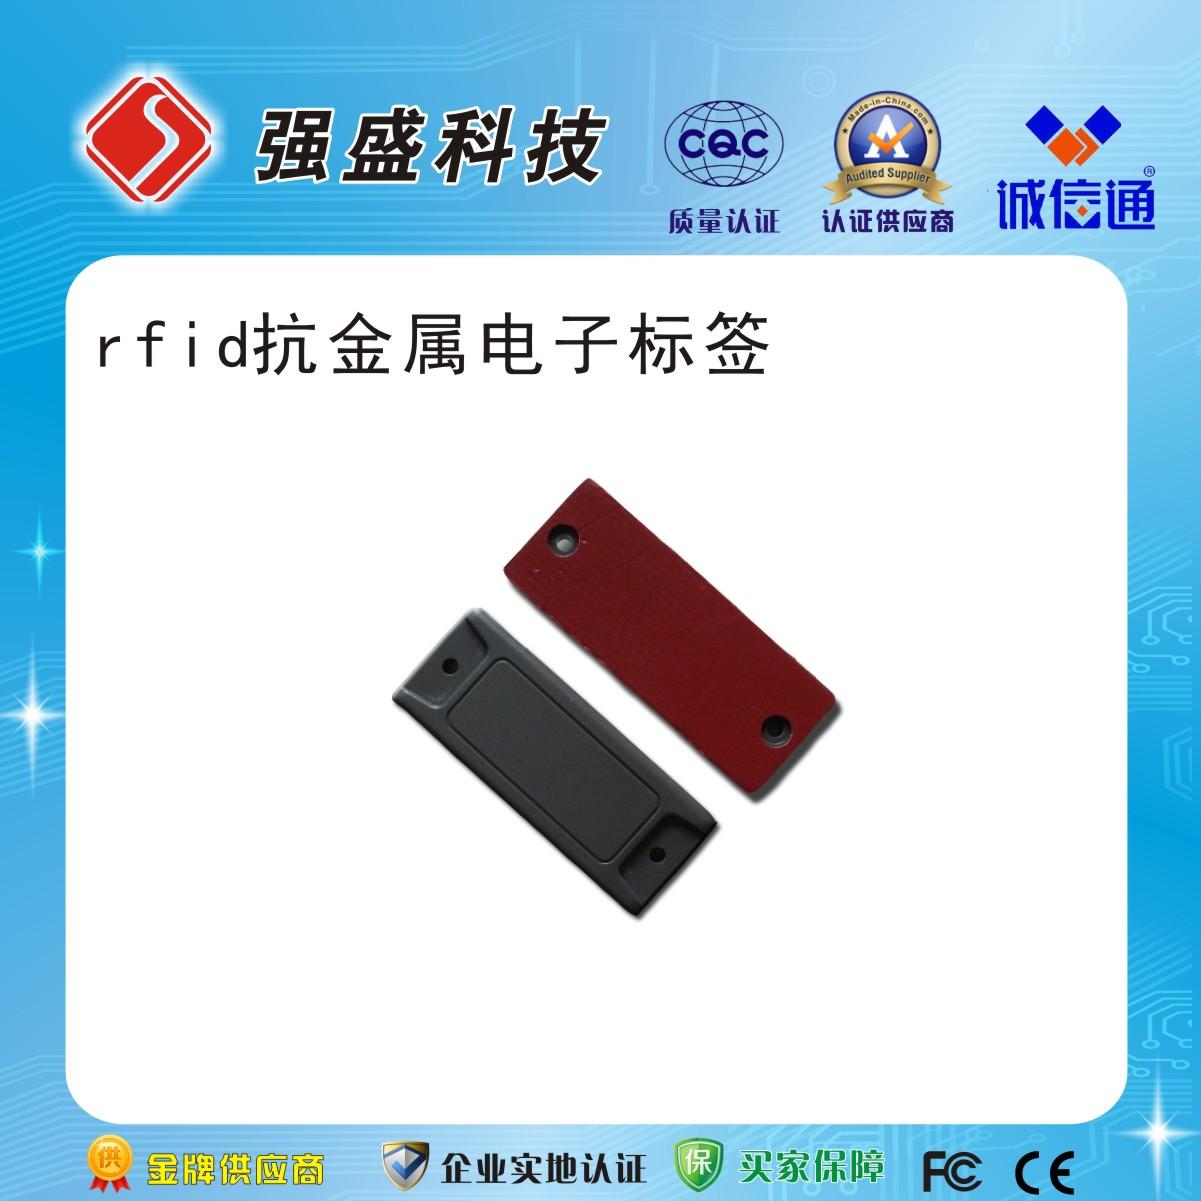 强盛QS-TU302抗金属标签超高频h3标签